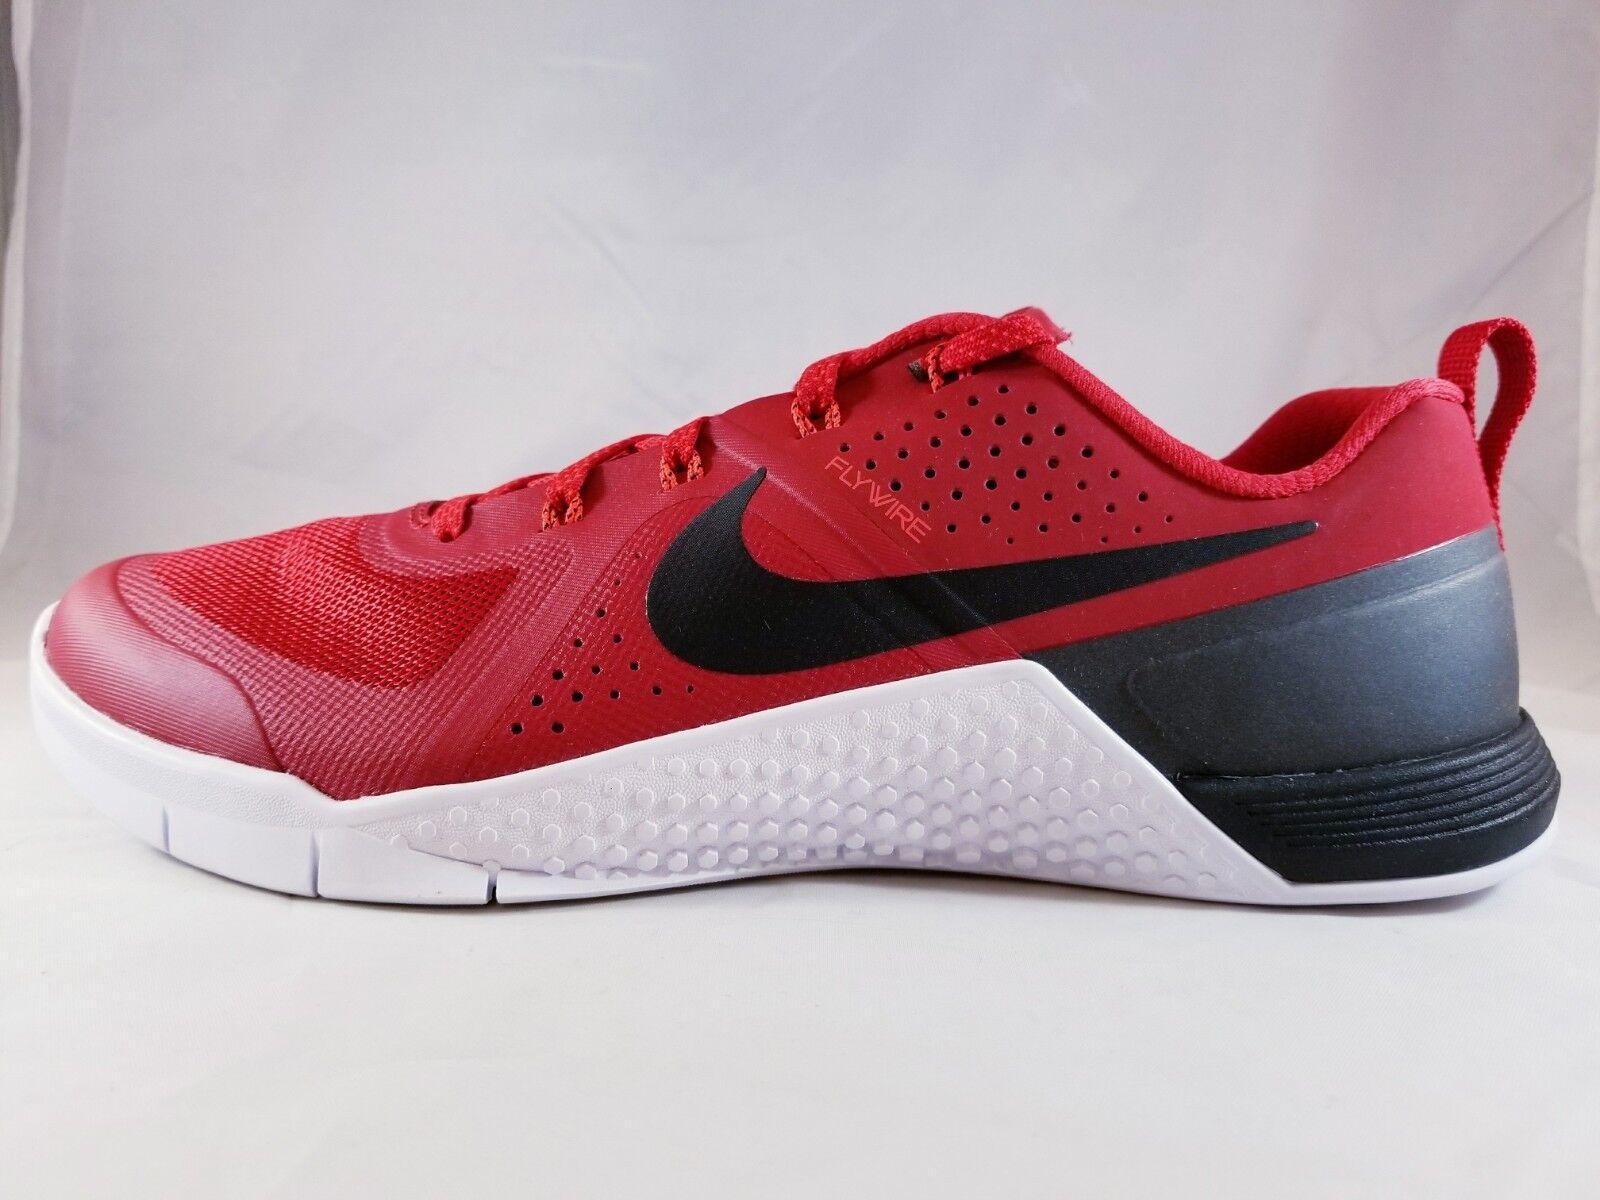 big sale cce90 11673 Nike metcon 1 uomini cross, 10,5 scarpa 704688 616 dimensioni 10,5 cross,. Nike  air max 90 essenziale nuove verde nero ...